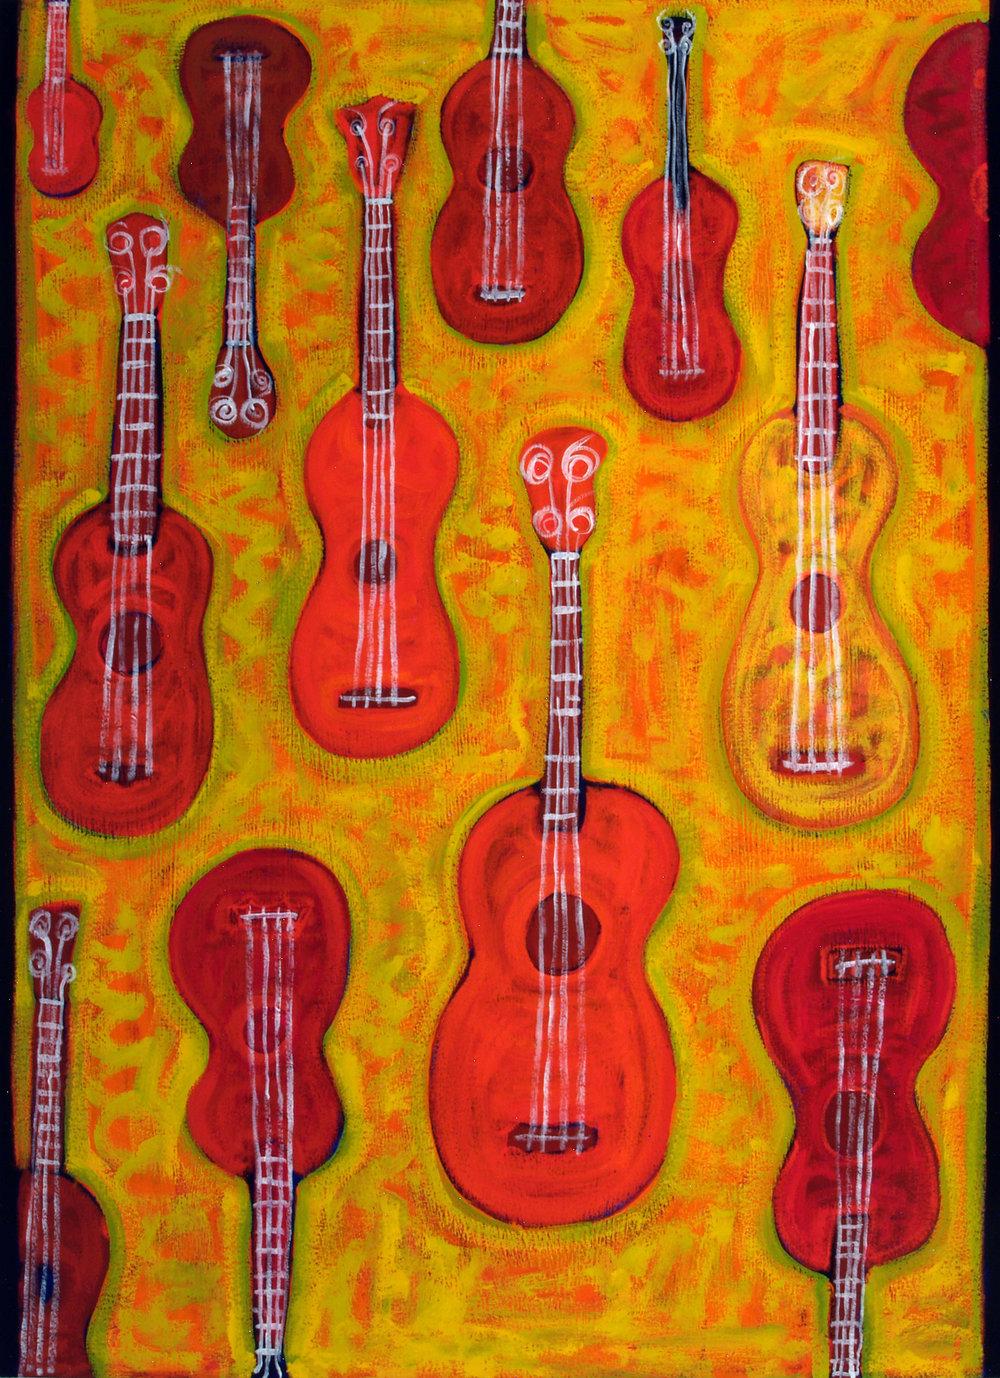 guitarras-2008.jpg